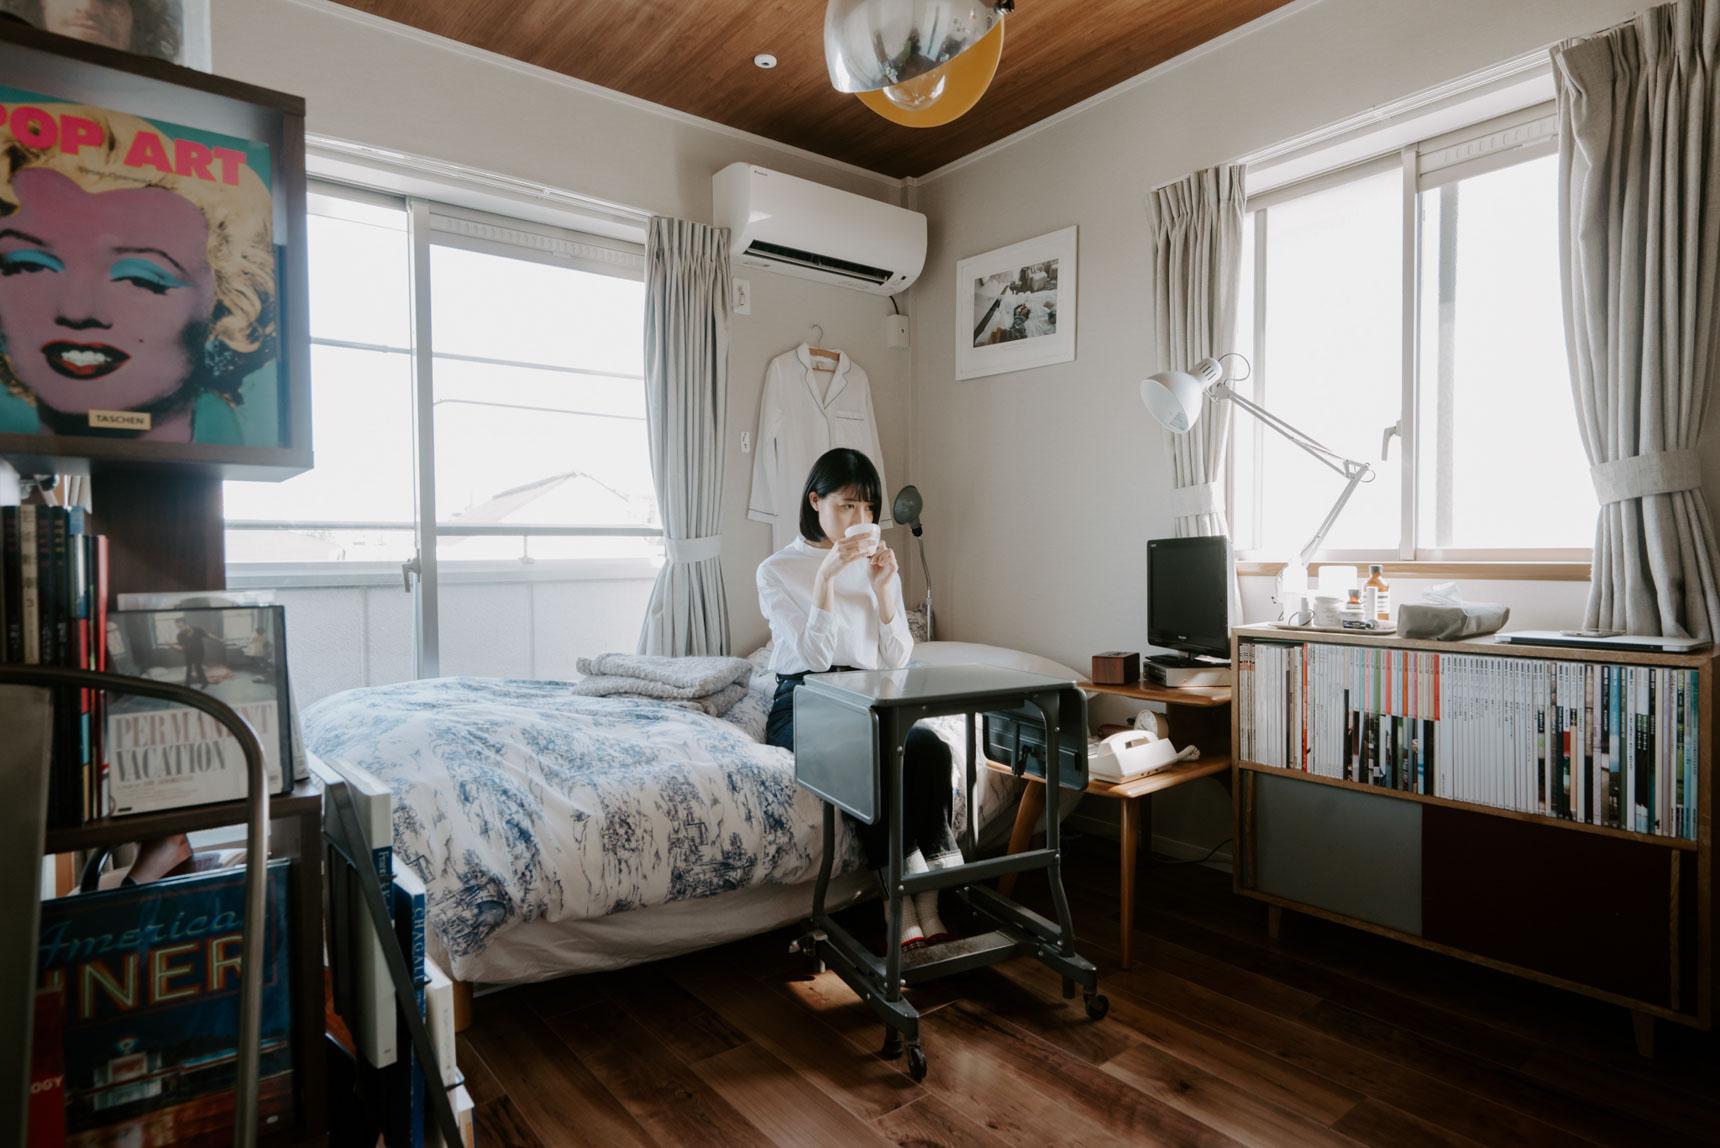 ワークデスクは少し高さがあり、可動式で折り畳みのできるものを活用。普段はベッドに腰をおろして作業をされています。必要のないときは折りたたんで部屋の隅に置いておけば、導線を邪魔せず生活ができそうです。